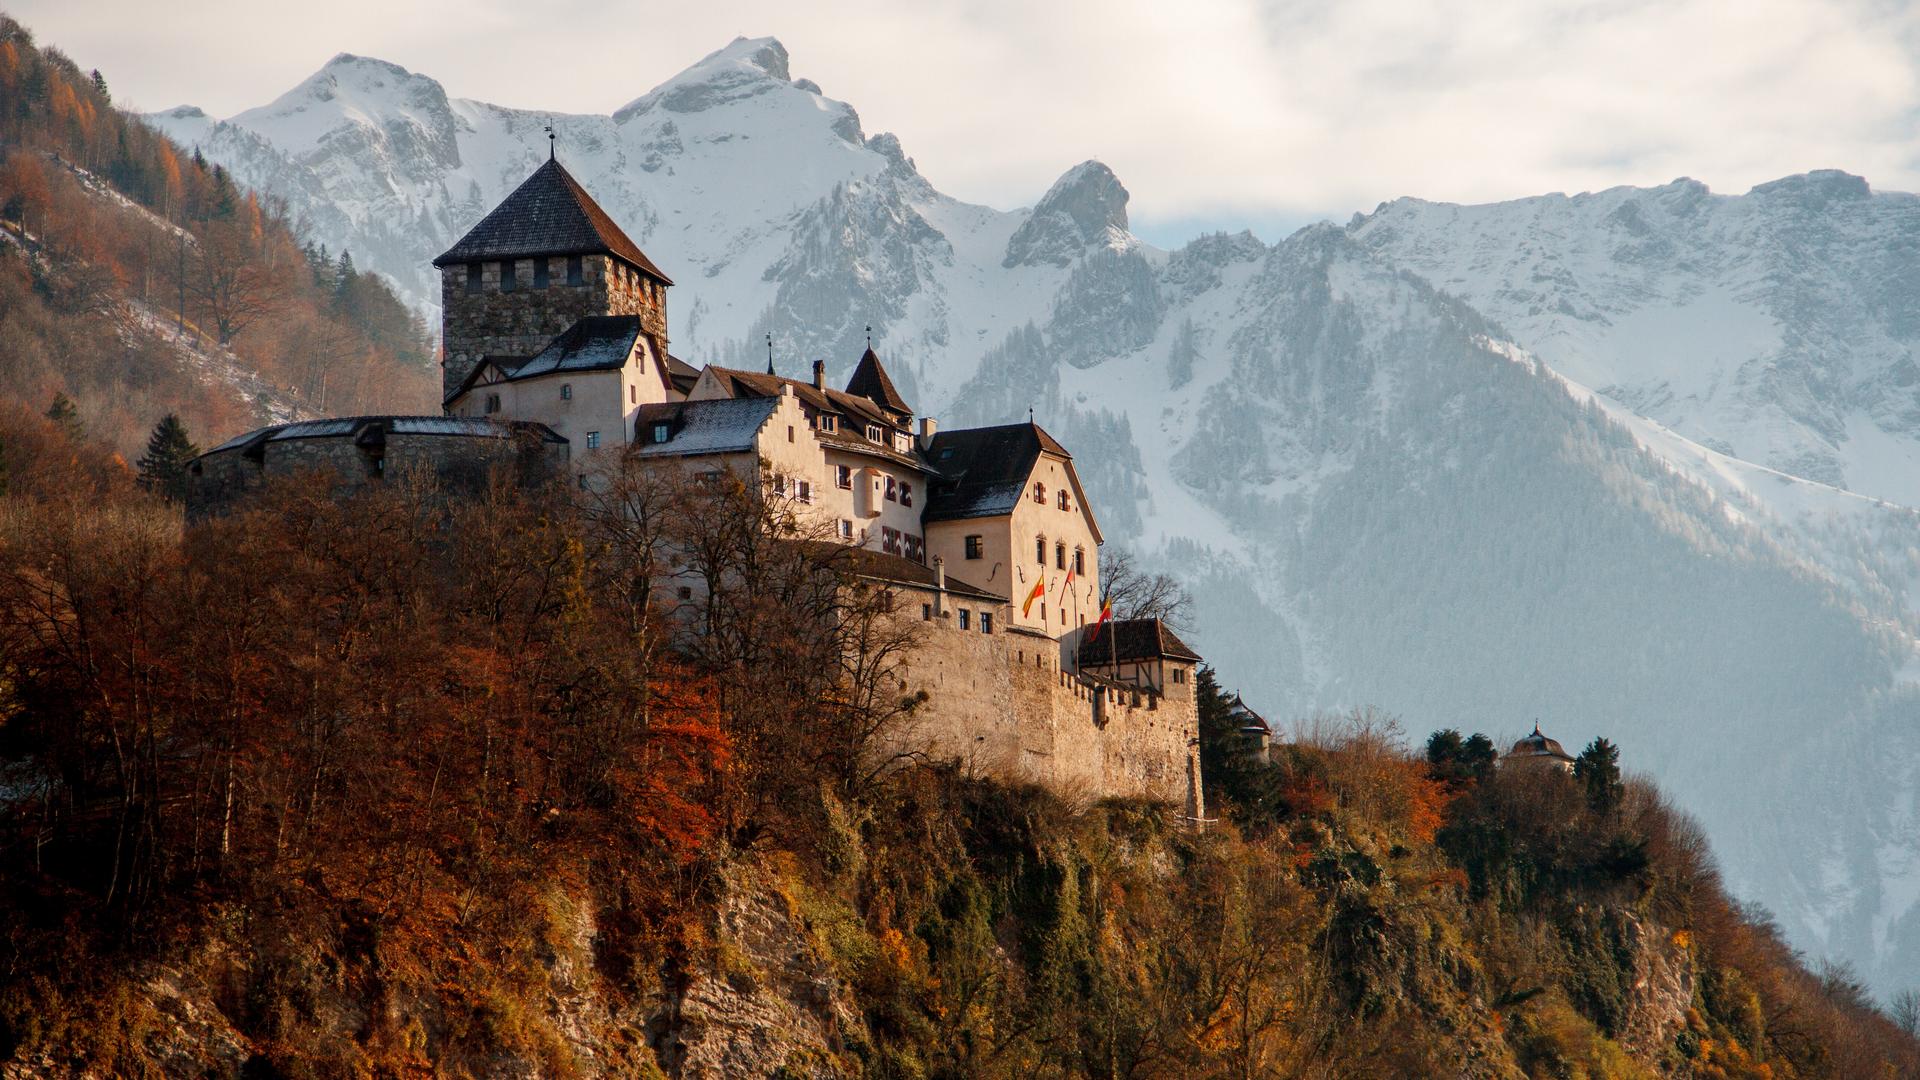 A view in Liechtenstein